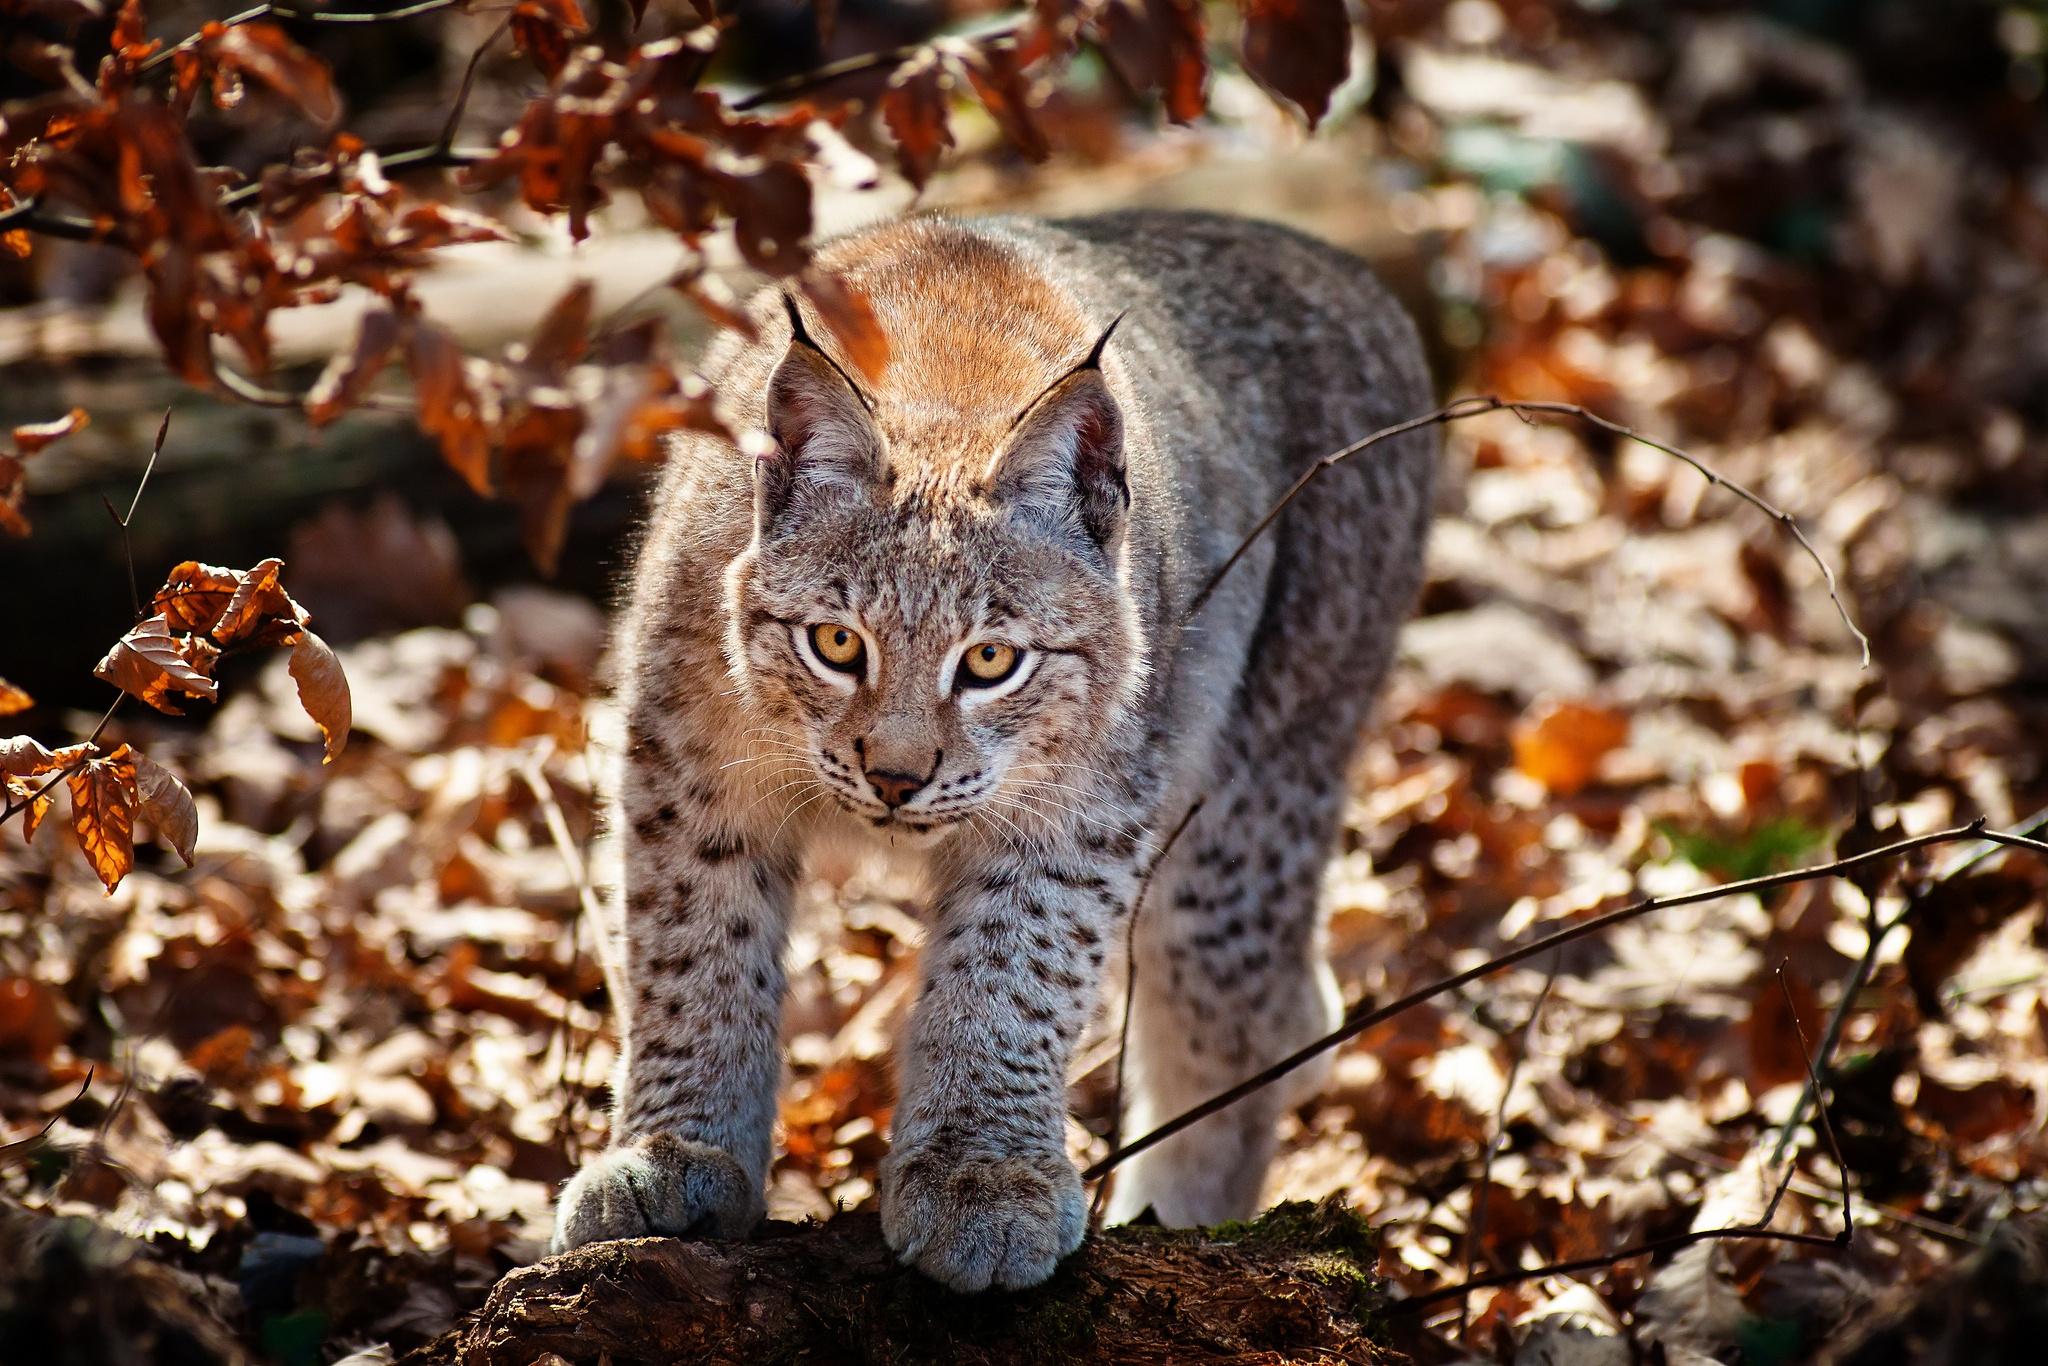 145669 скачать обои Животные, Кошка, Листва, Ирис, Осень - заставки и картинки бесплатно